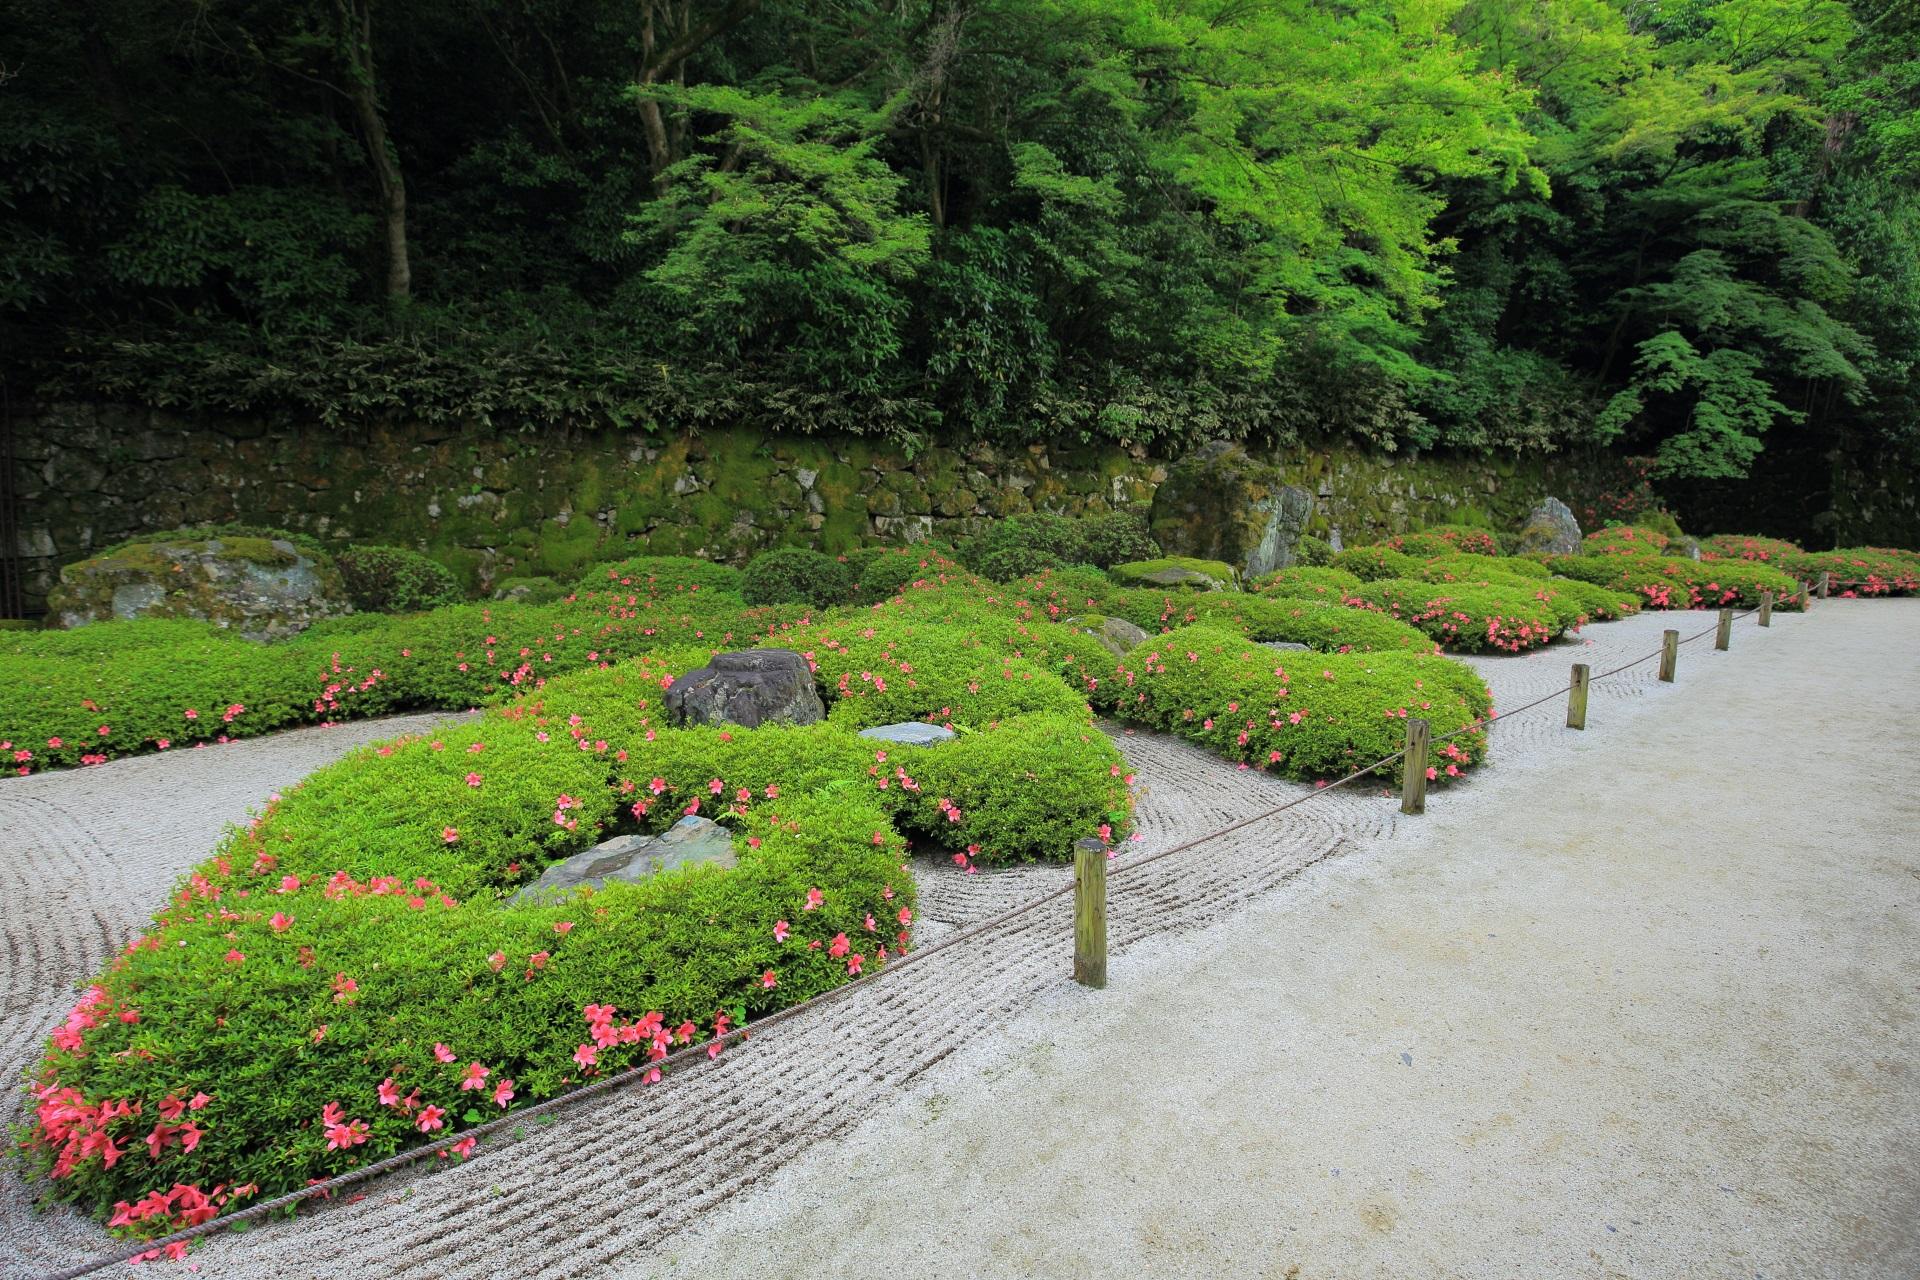 方丈庭園の奥にある『阿弥陀如来二十五菩薩来迎図』を基に造られた「二十五菩薩の庭」